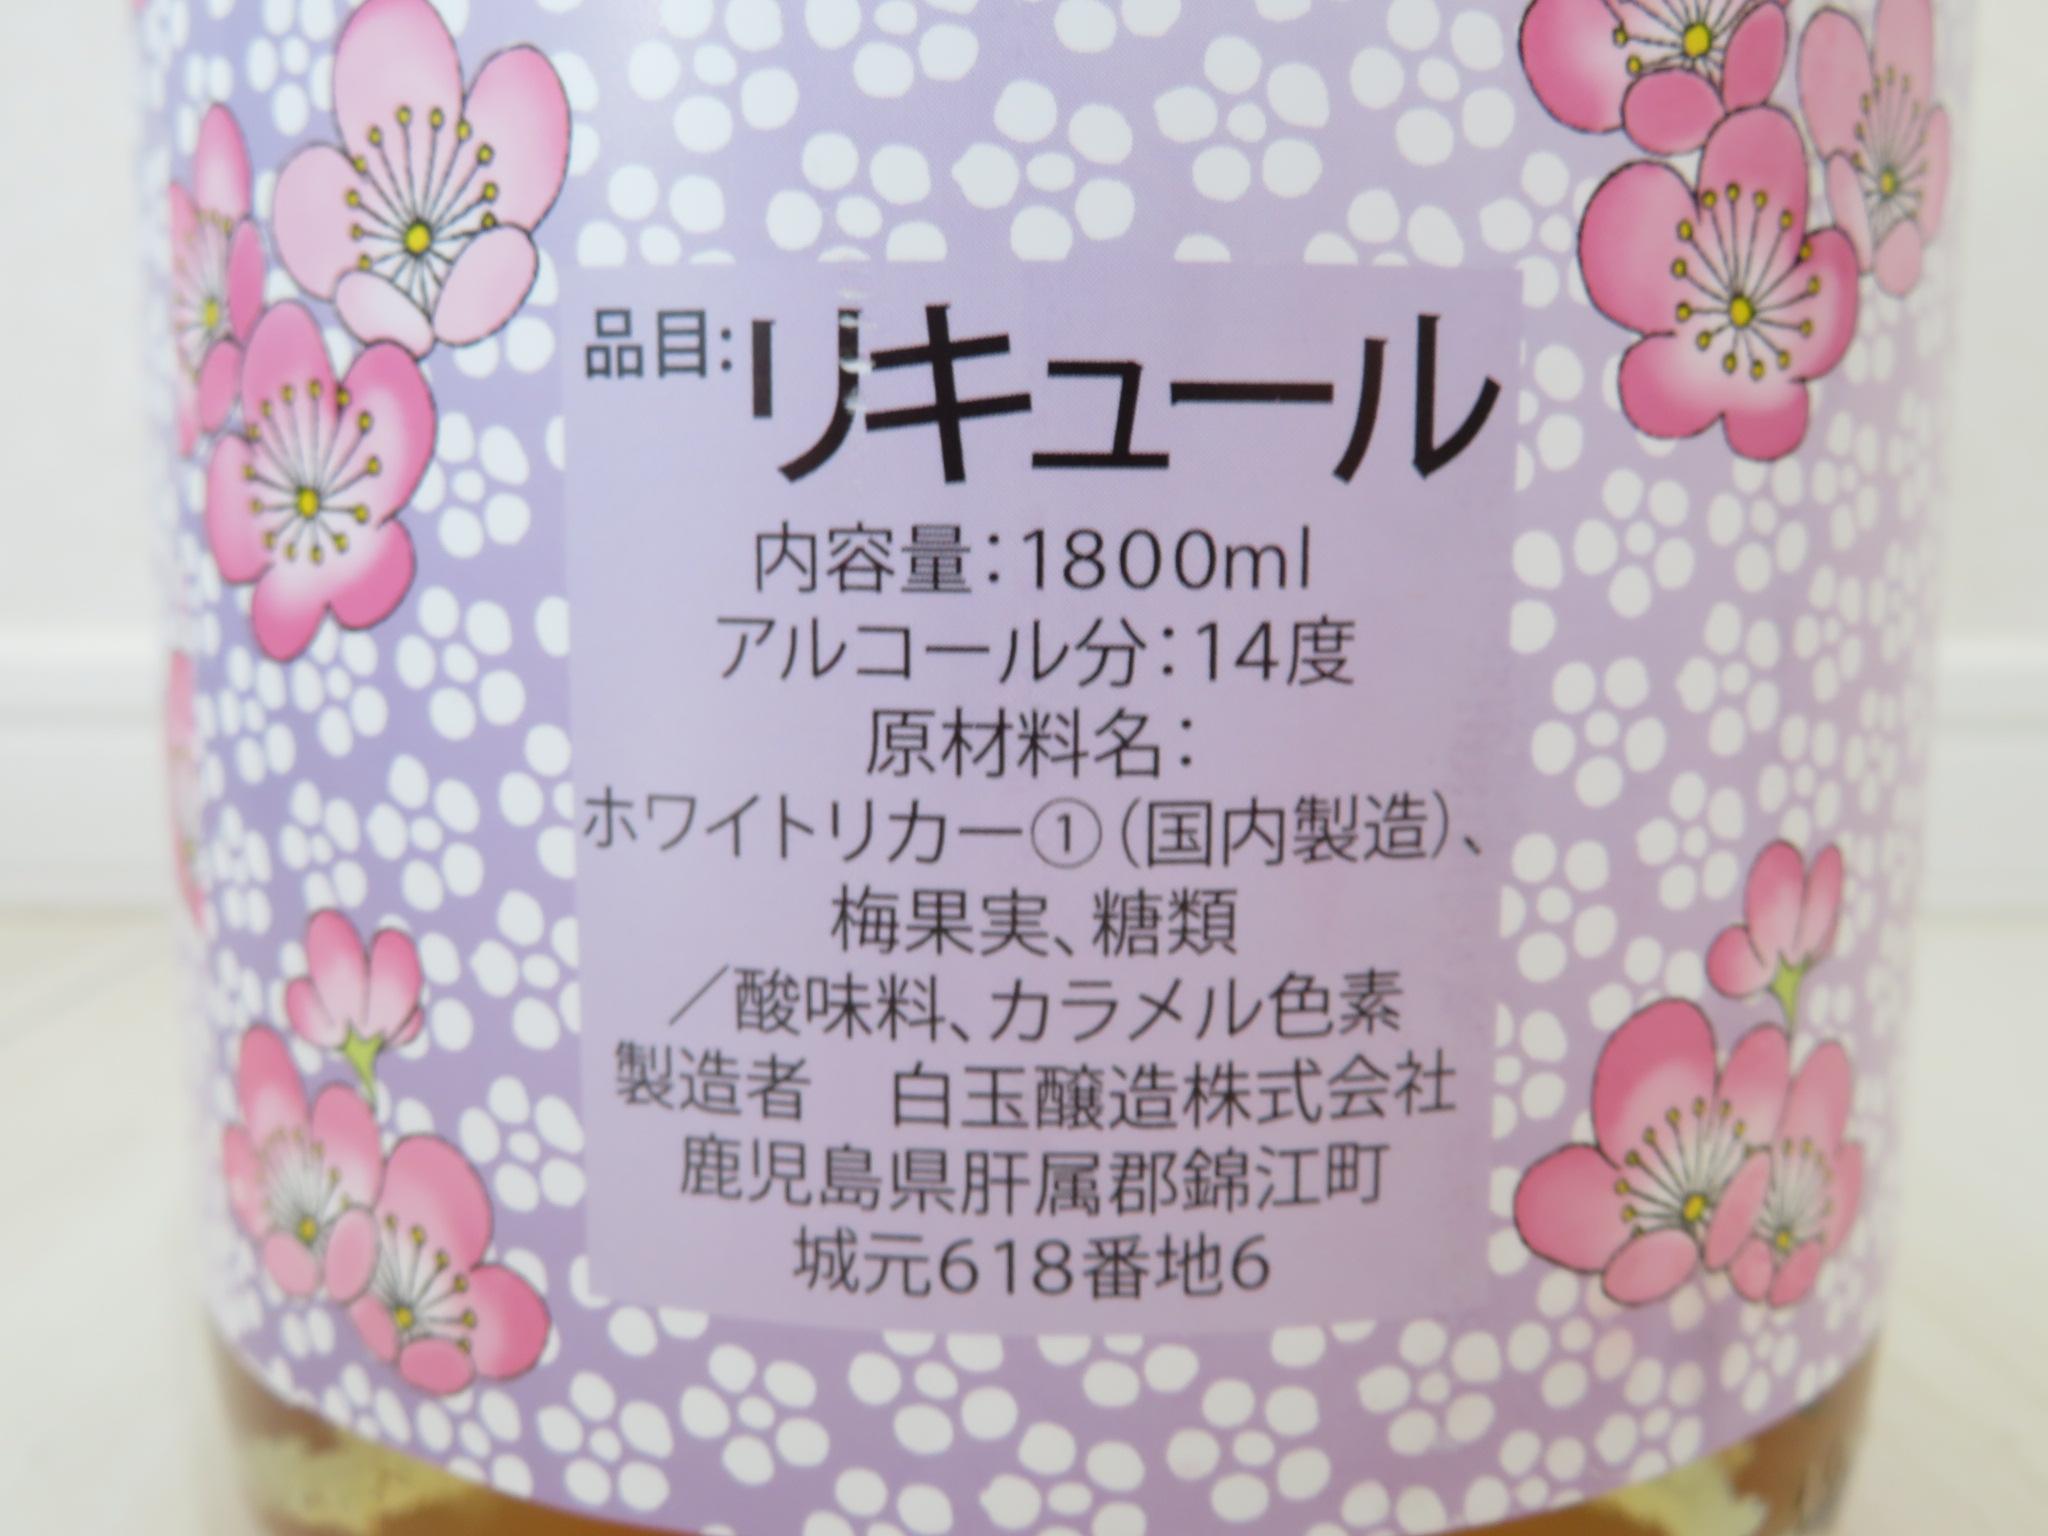 https://www.elashy-mise.jp/IMG_1784.JPG